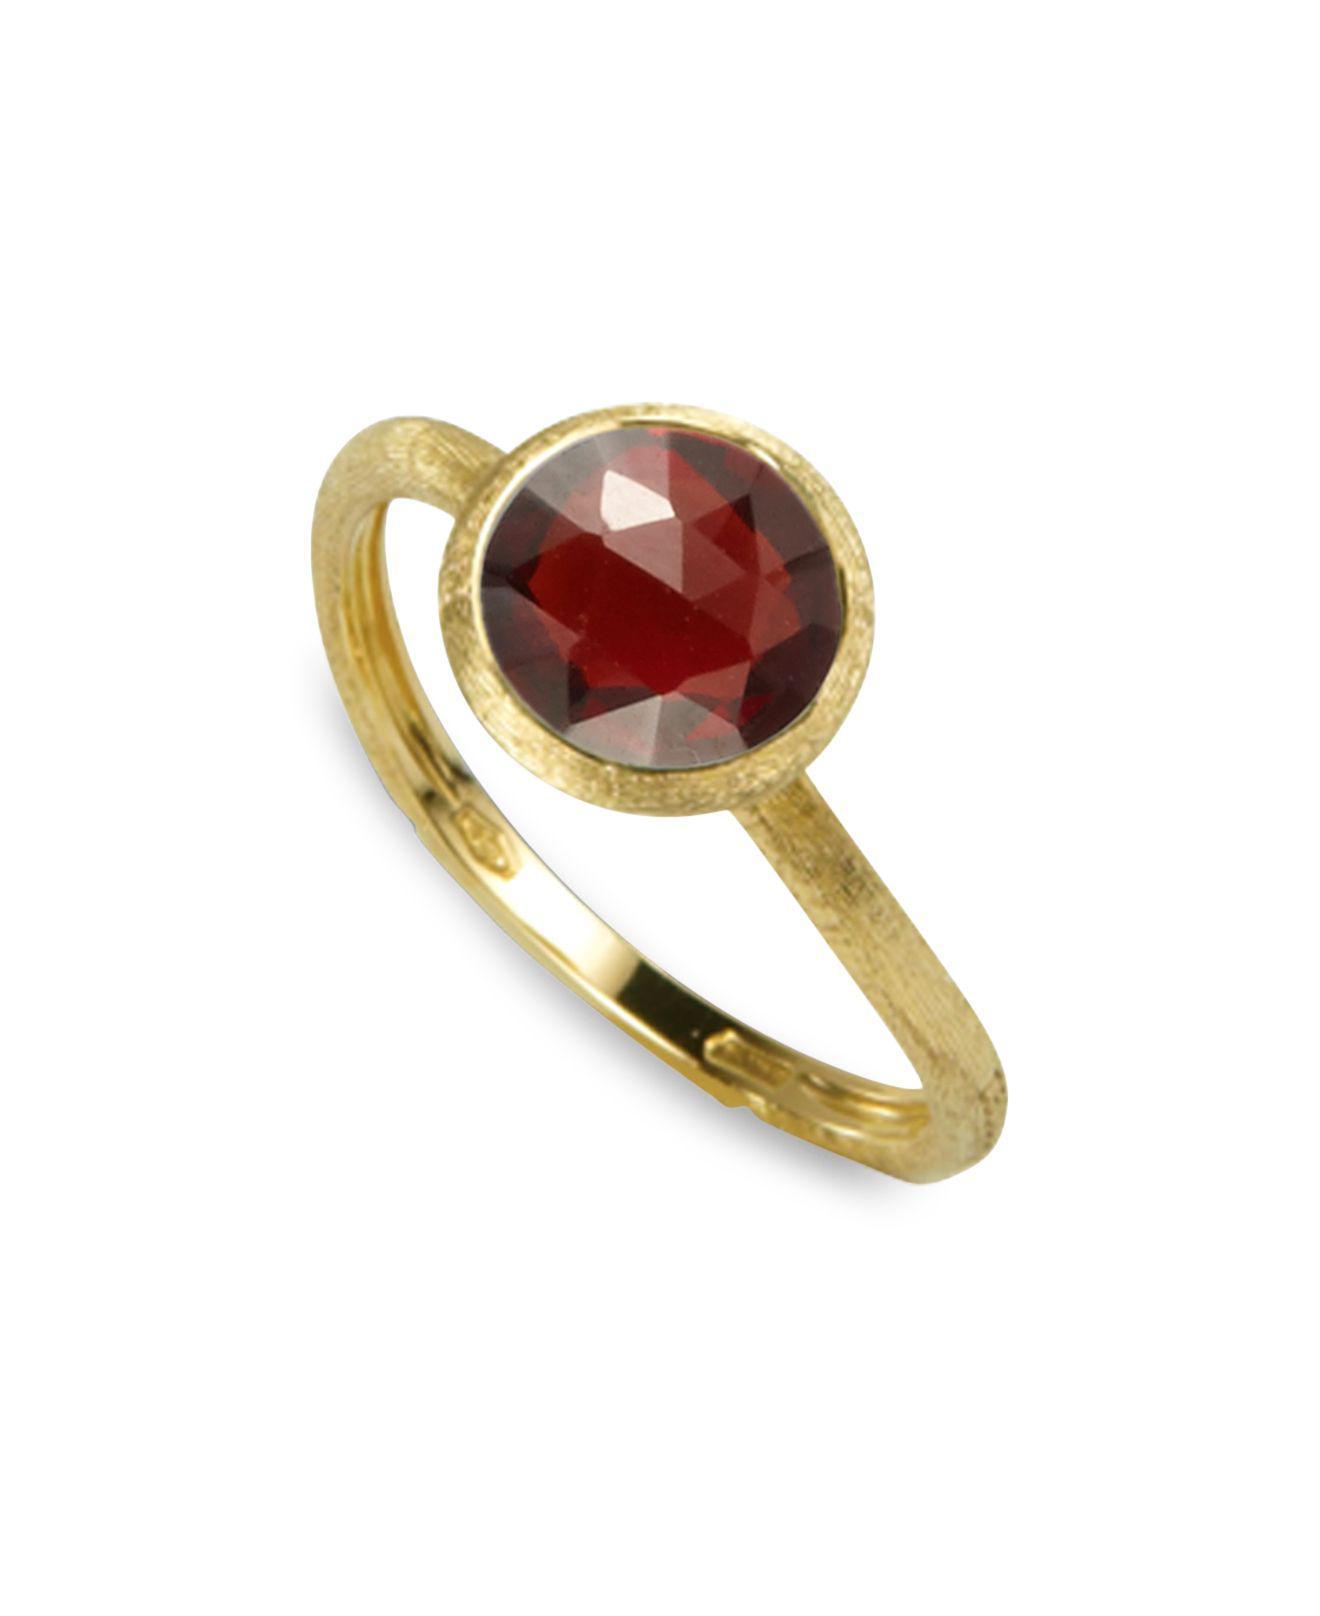 Marco Bicego Jaipur Lapis Stackable Ring sQabpJN